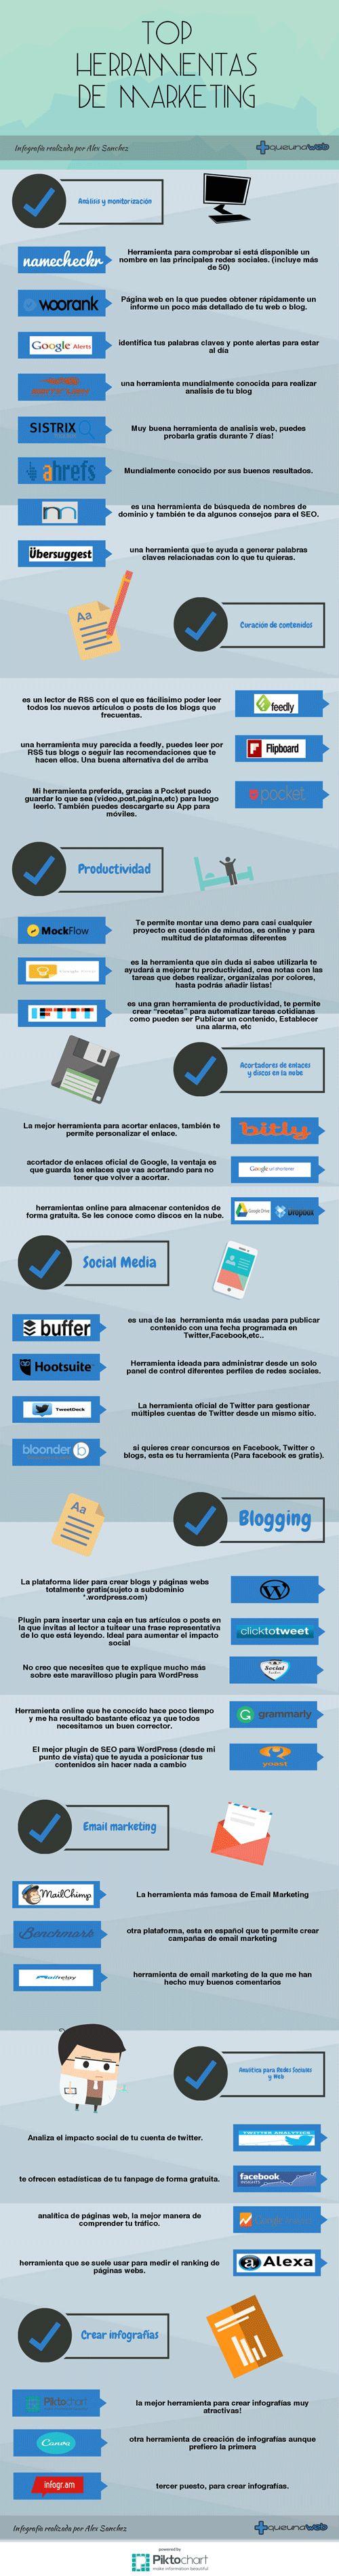 """Esta #infografia con las """"Top 36 Herramientas de Marketing en Internet te pueden ayudar a potencializar tu negocio. http://snip.ly/j2f7o"""